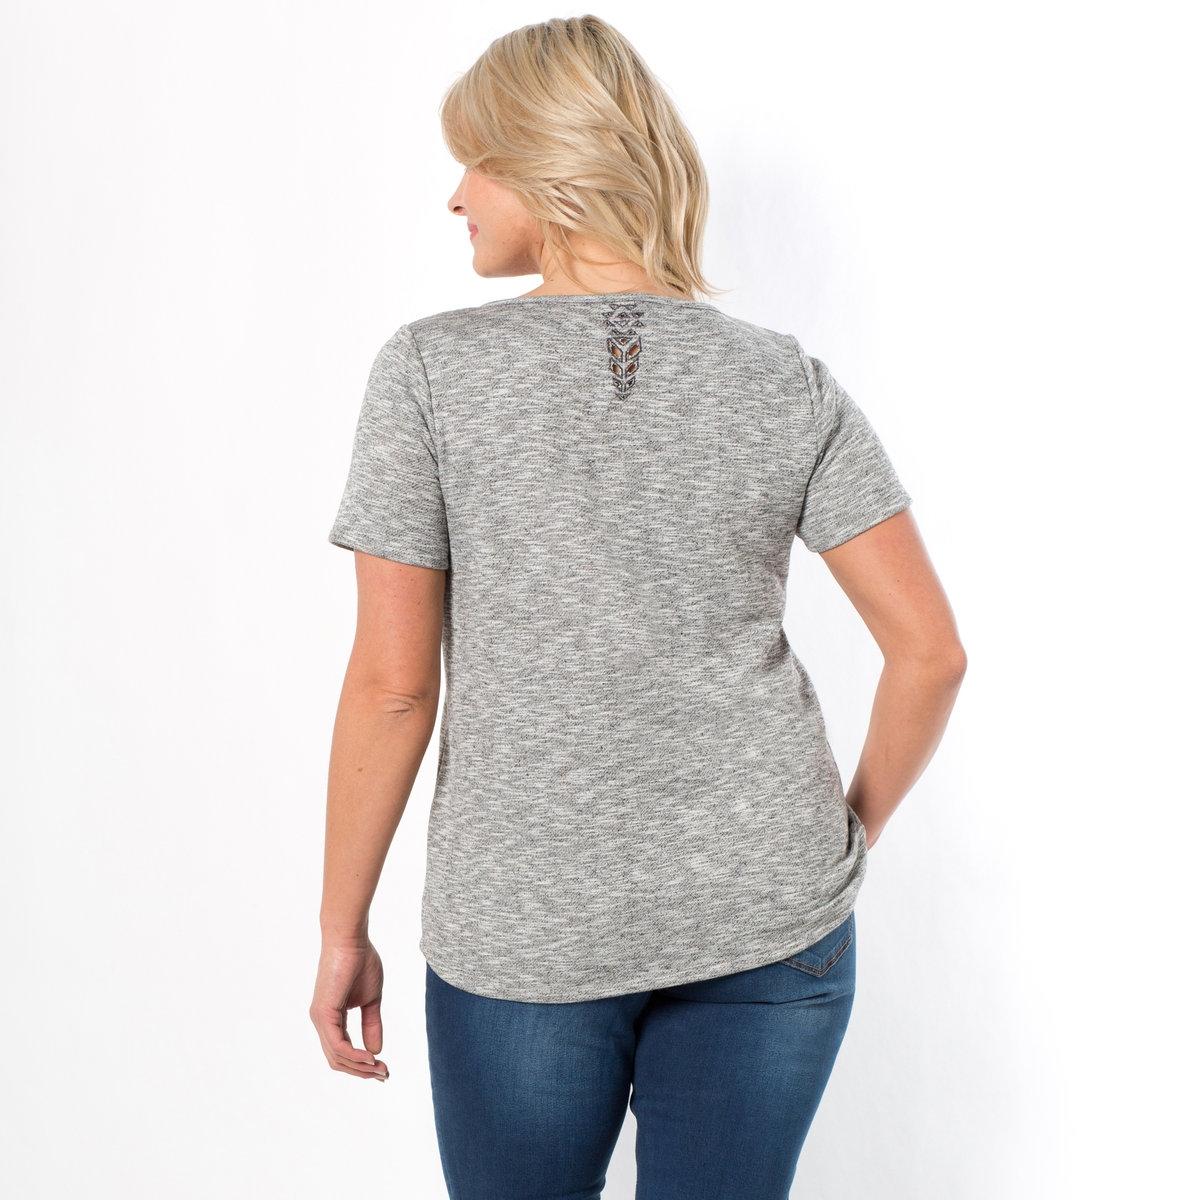 ФутболкаФутболка. Красивая ажурная геометричная вышивка на воротнике и на плечах. Короткие рукава. Круглый вырез. Мольтон 60% полиэстера, 22% хлопка, 18% вискозы. Длина 65 см.<br><br>Цвет: серый меланж<br>Размер: 58/60 (FR) - 64/66 (RUS)